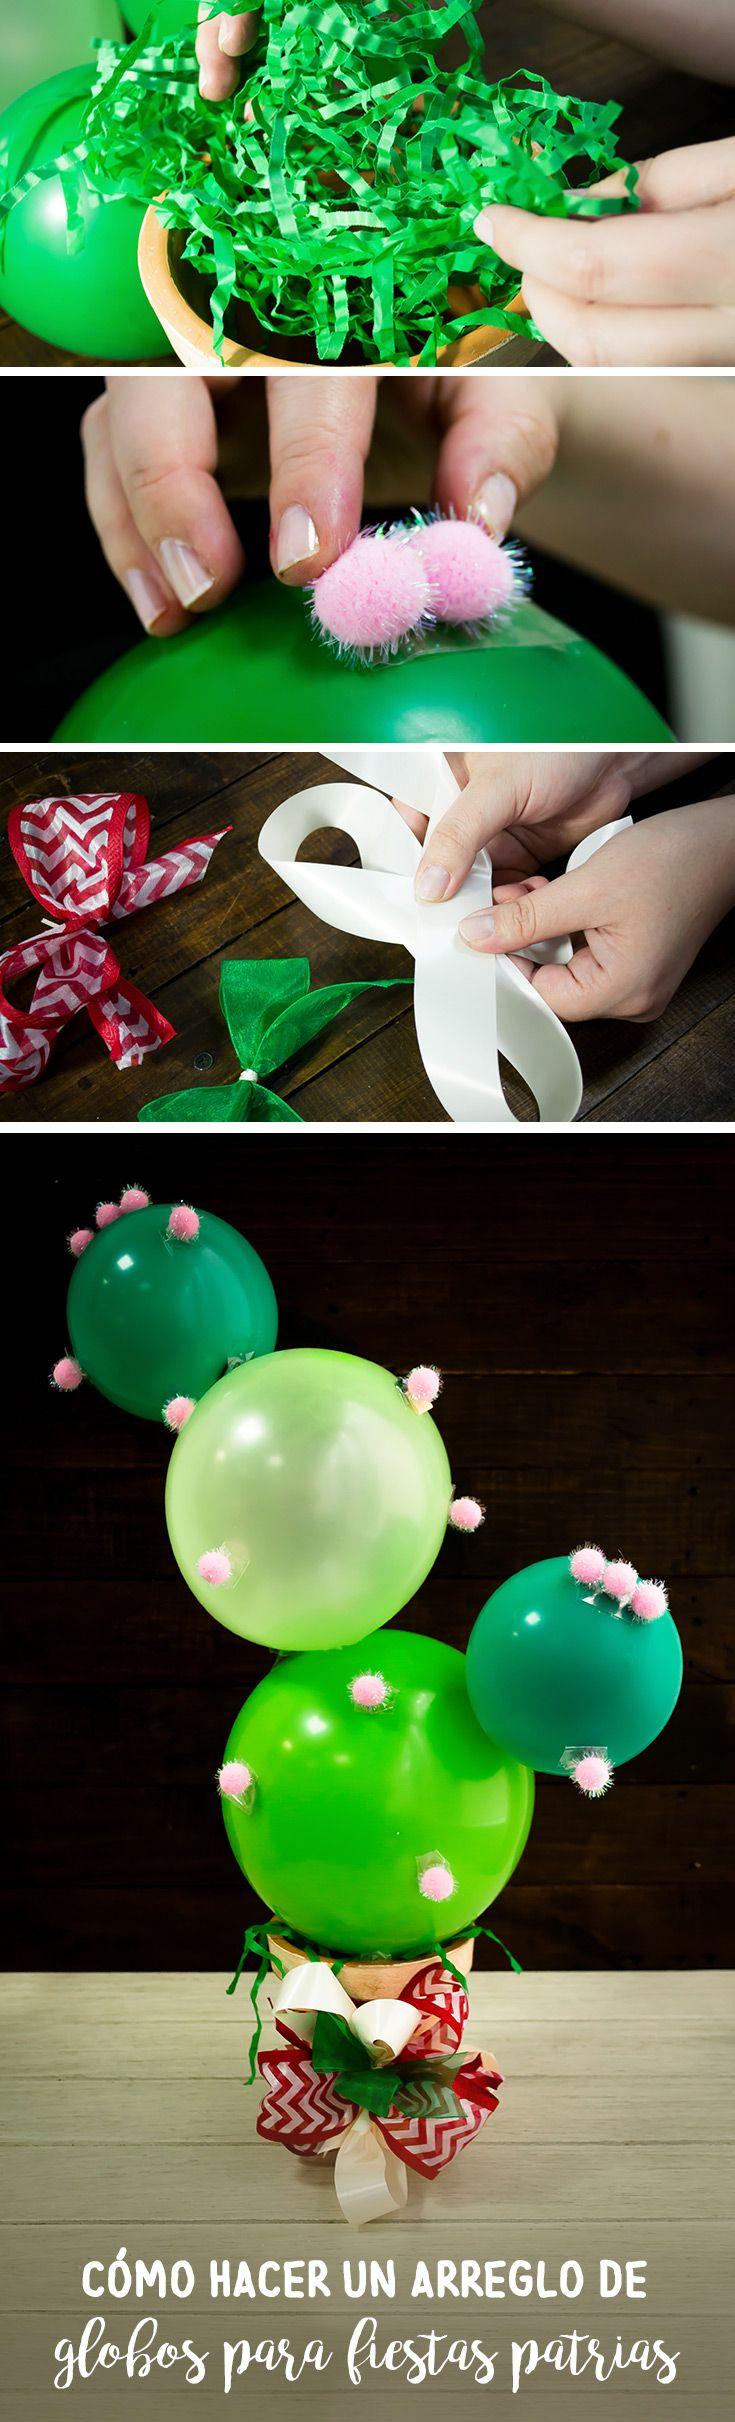 Decora tu casa con este arreglo de globos para fiestas patrias. Es muy sencillo y divertido de hacer.